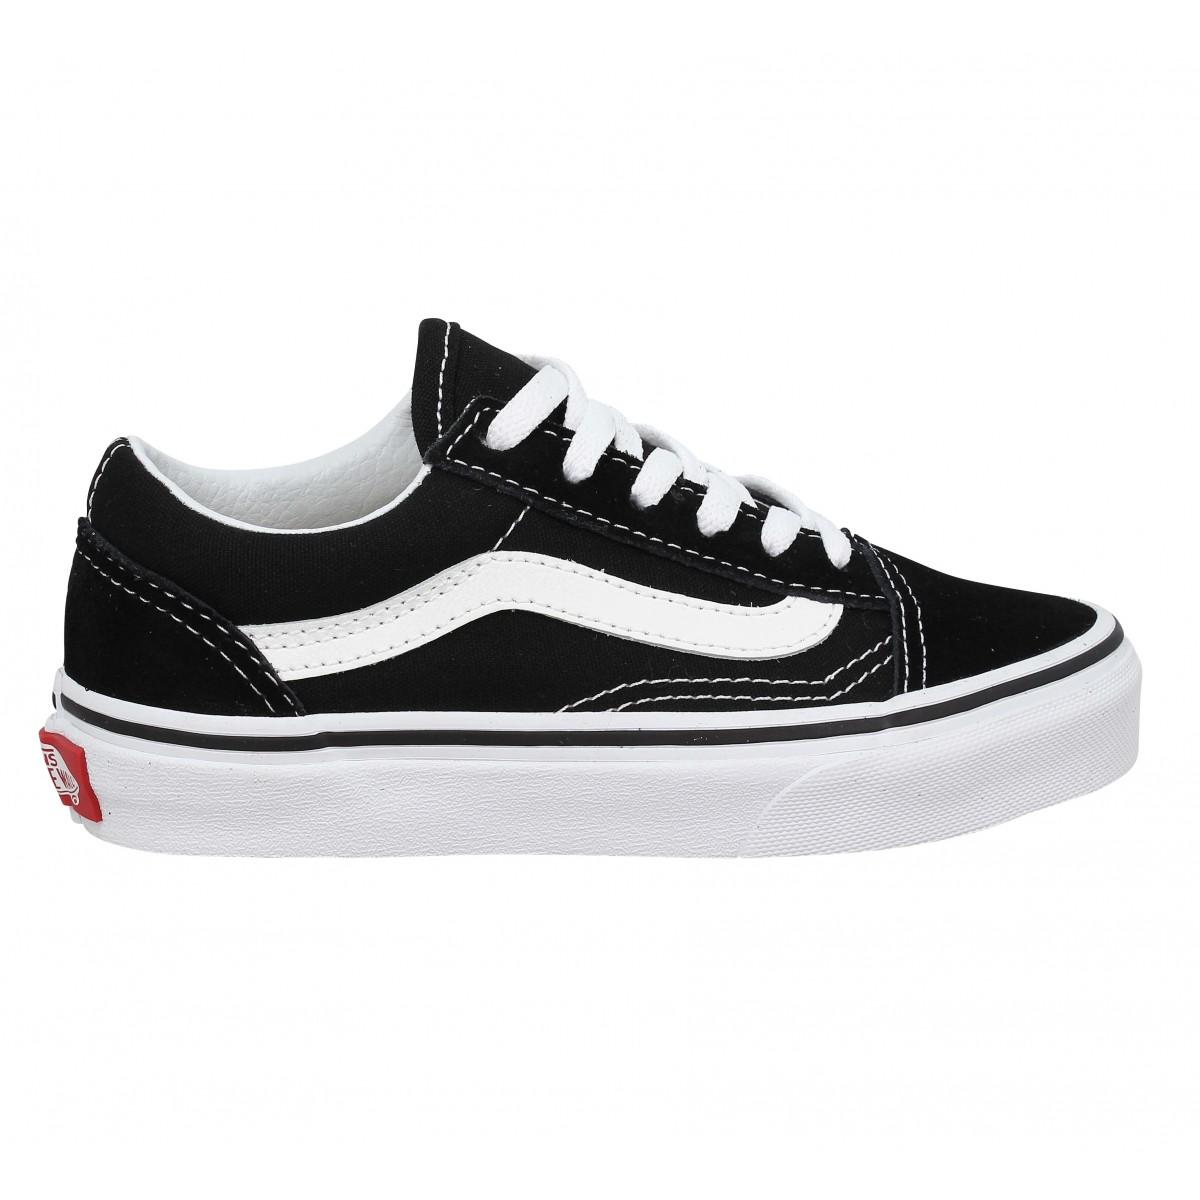 chaussures vans enfants 29